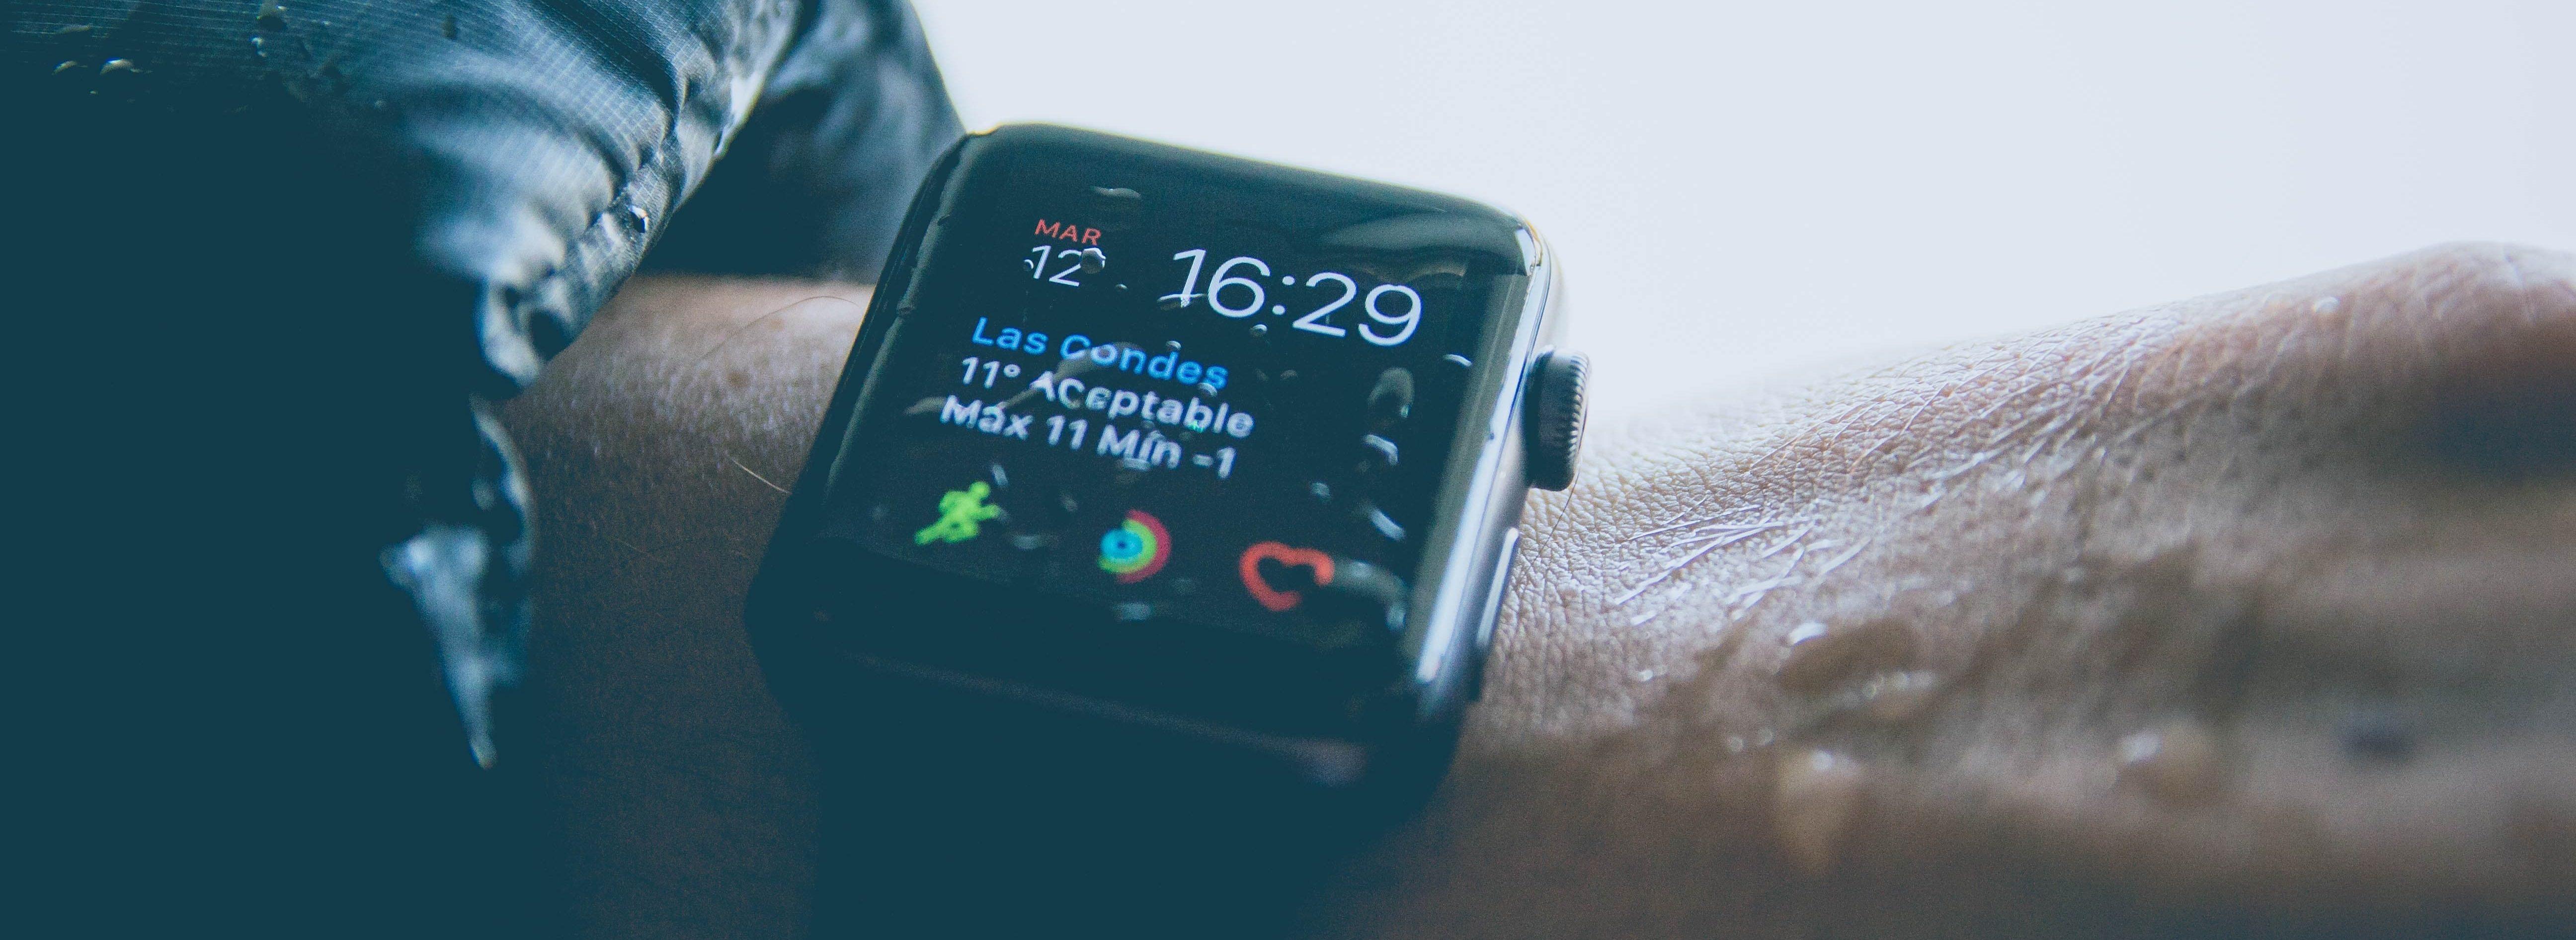 Applewatchでできていることの見出し画像